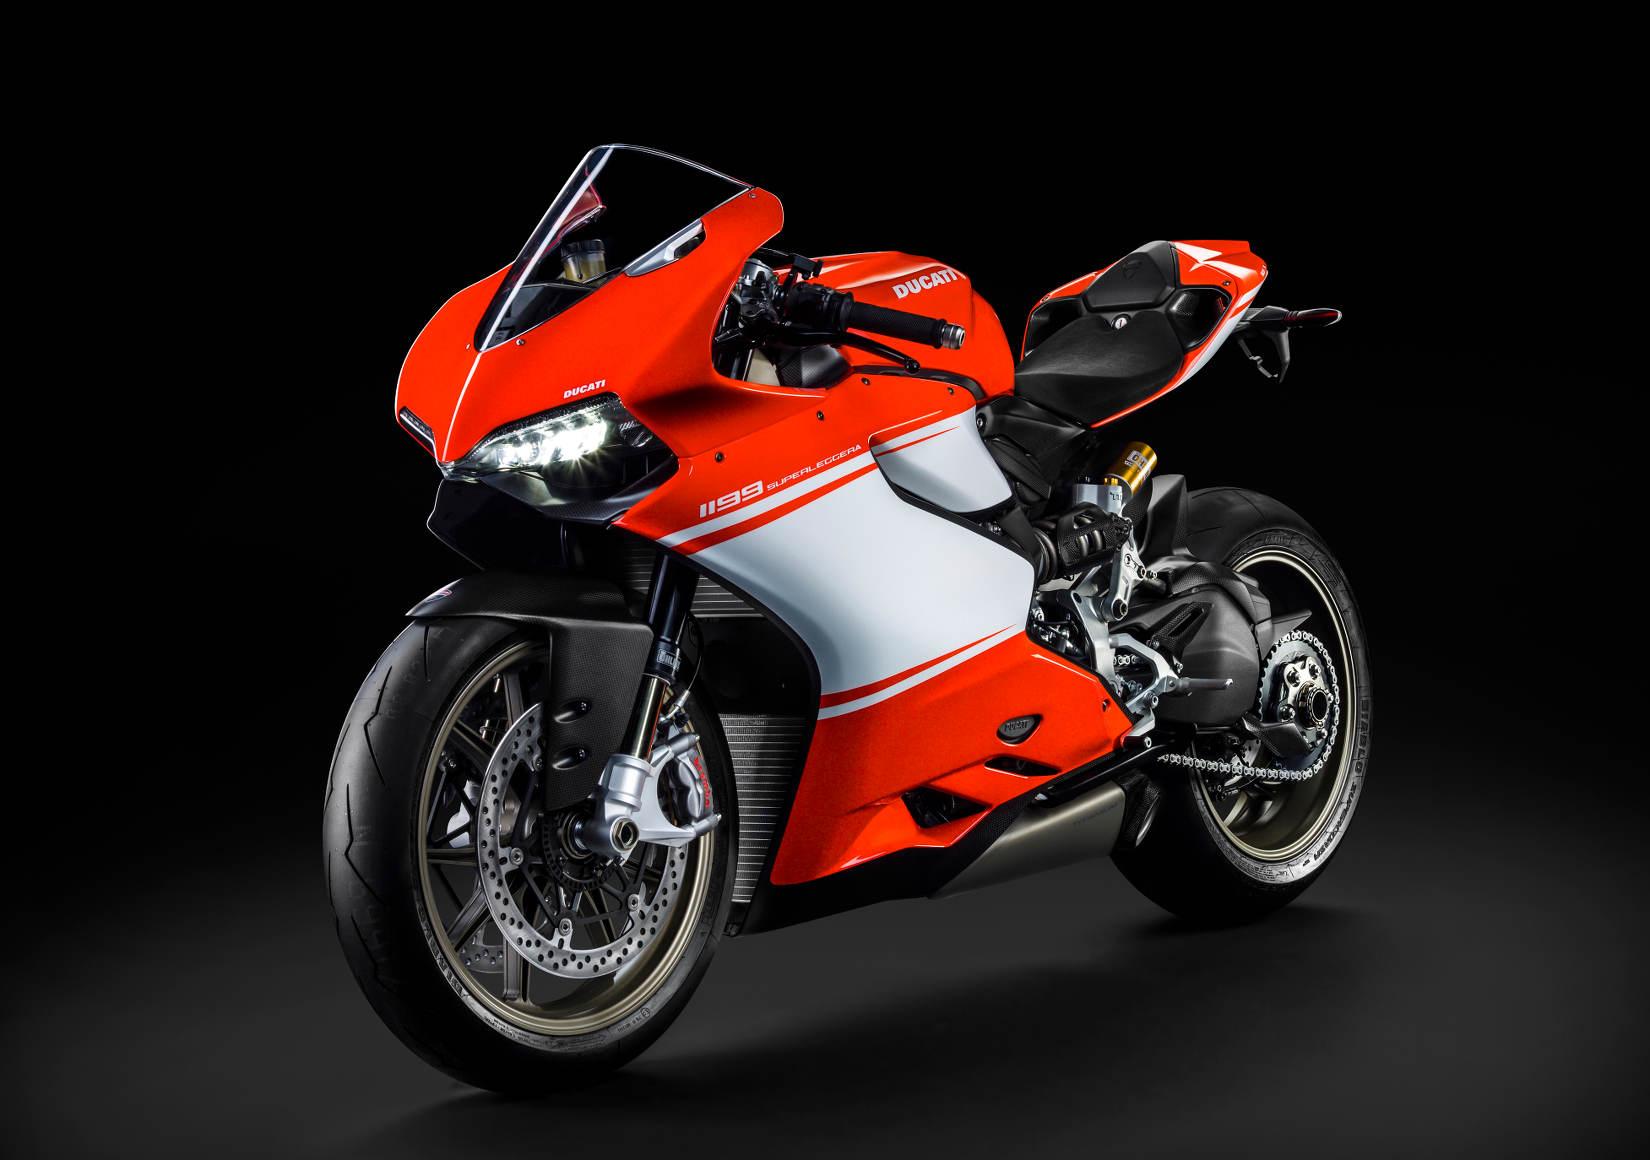 Ducati Motorcycle 2014